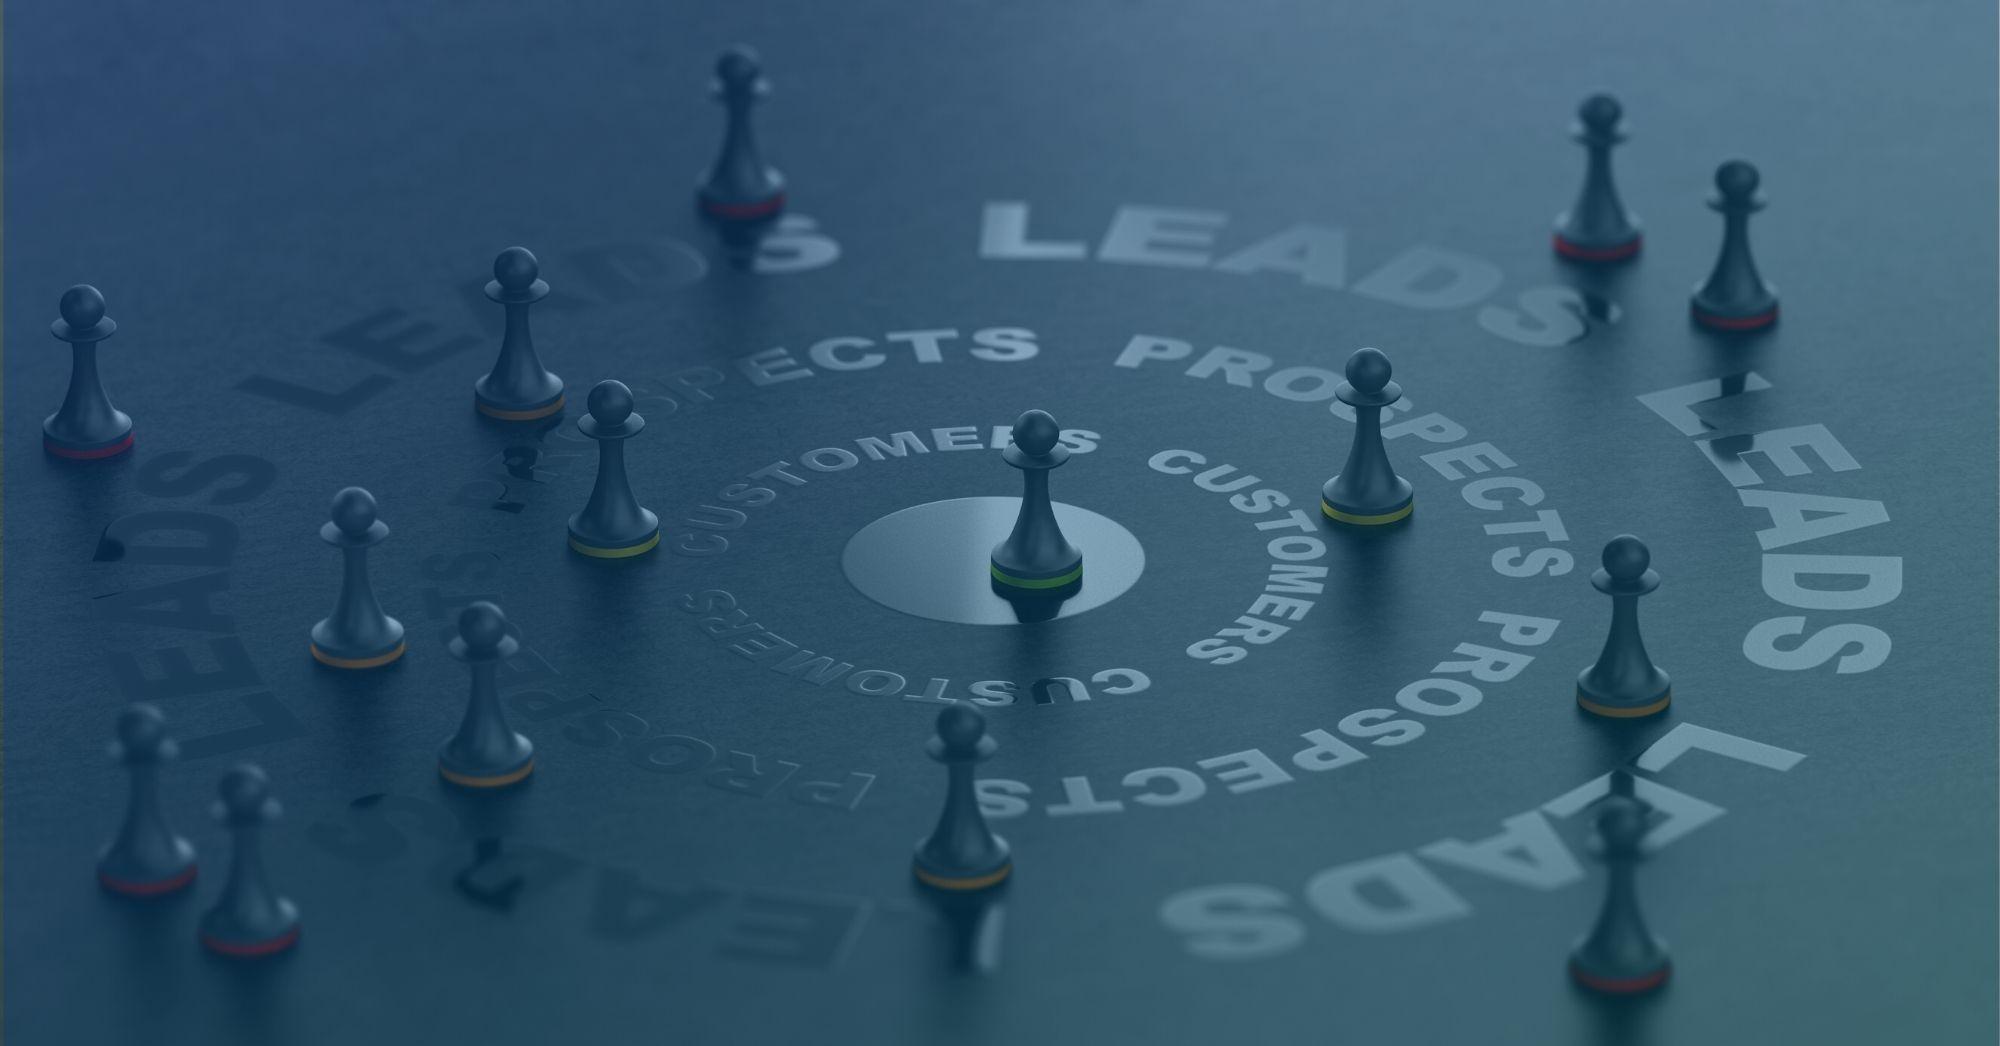 7 Steps to Lead Generation Through Inbound Marketing